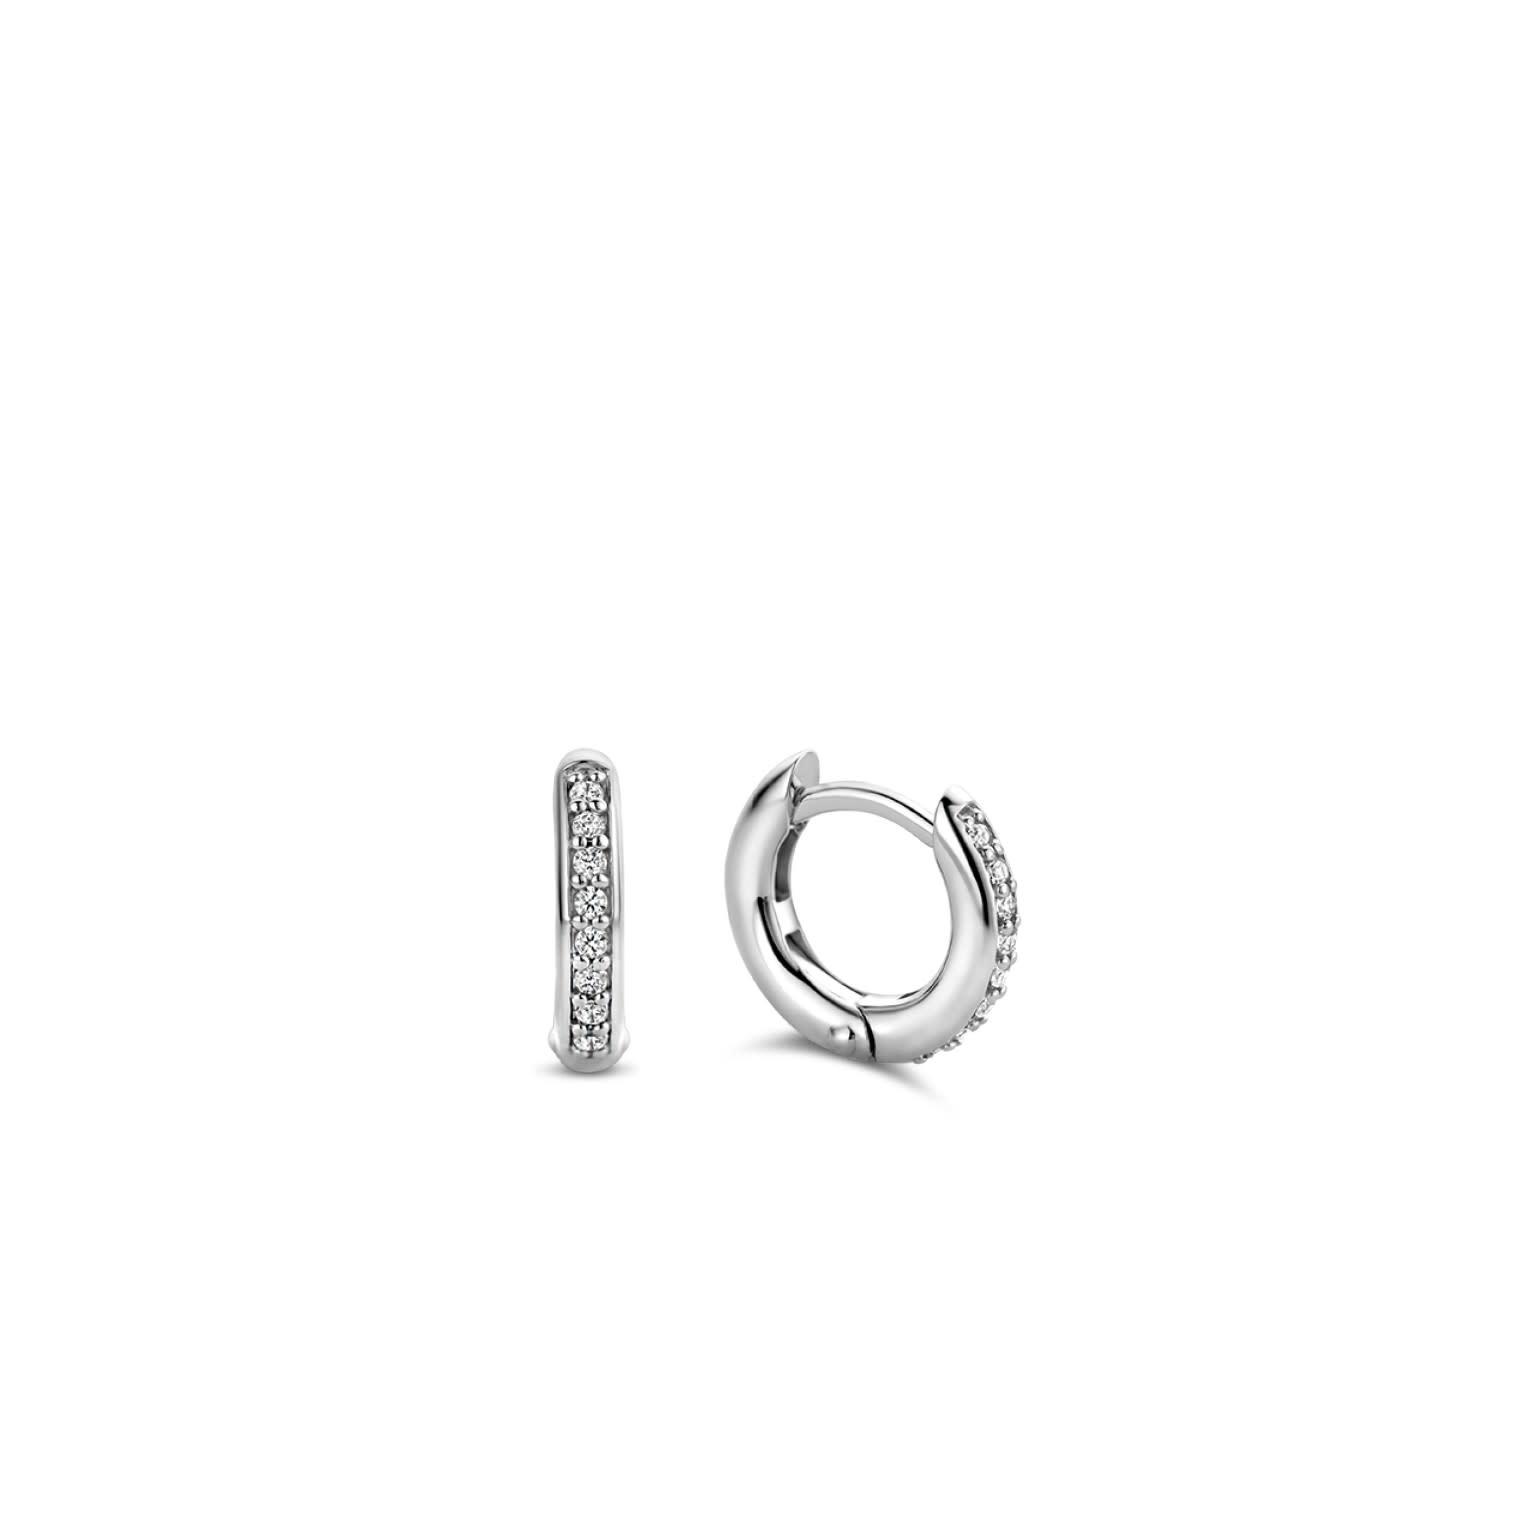 TI SENTO - Milano Earrings 7811ZI-1